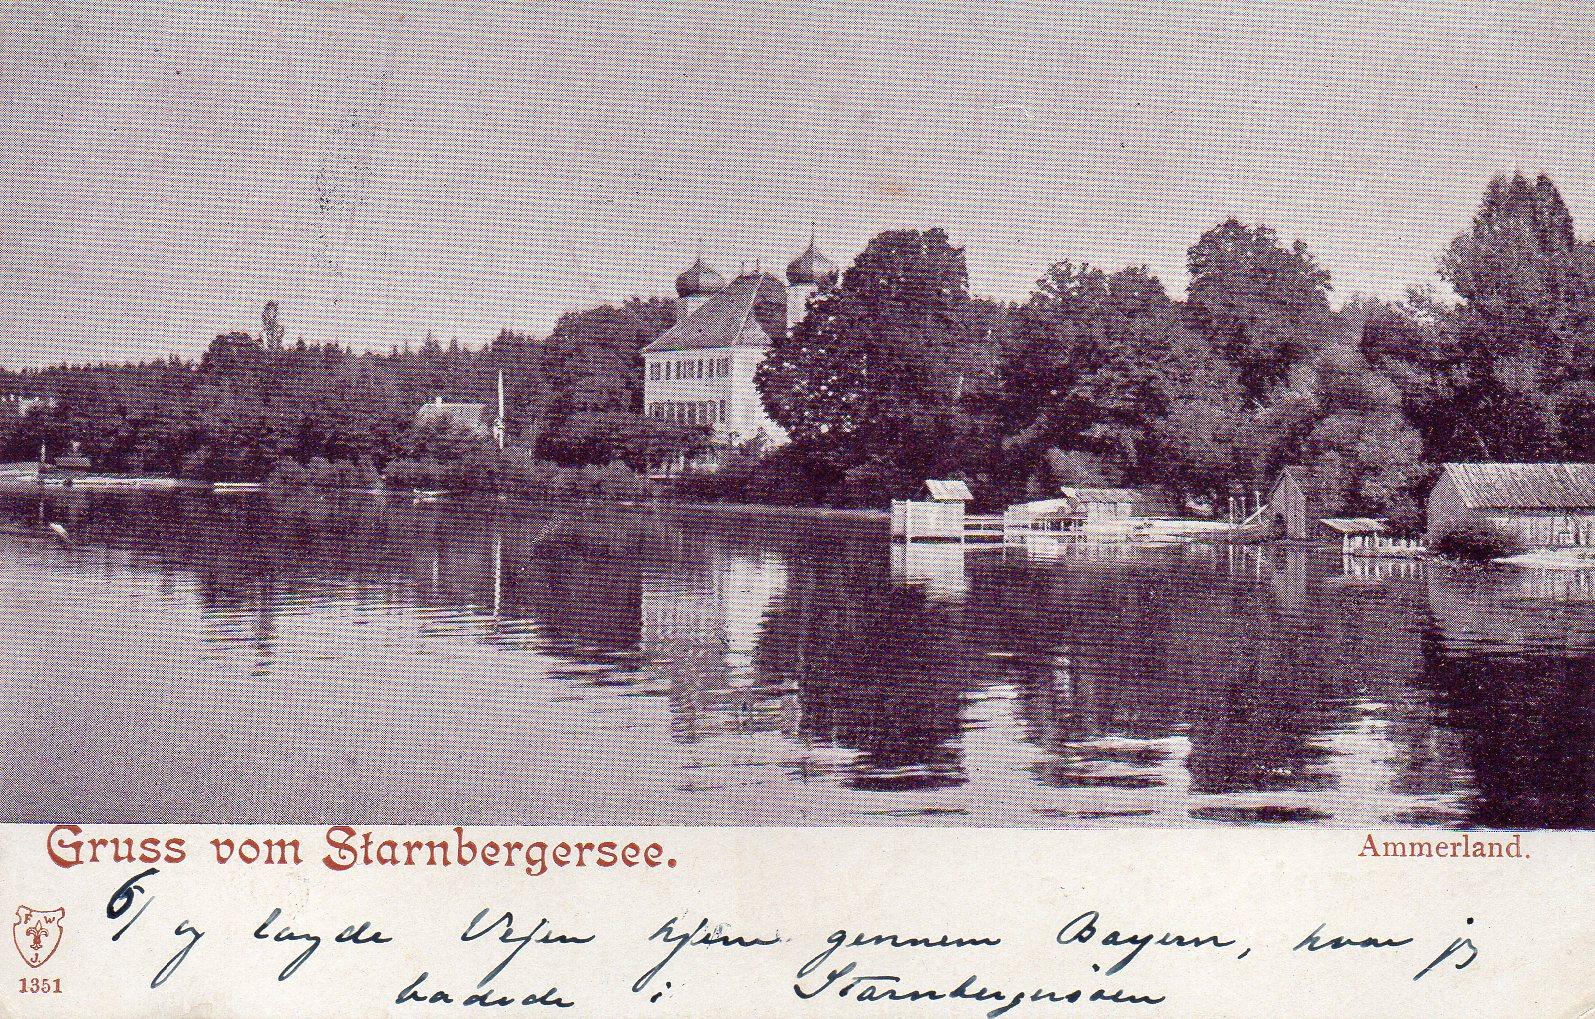 Gruss vom Starnbergersee